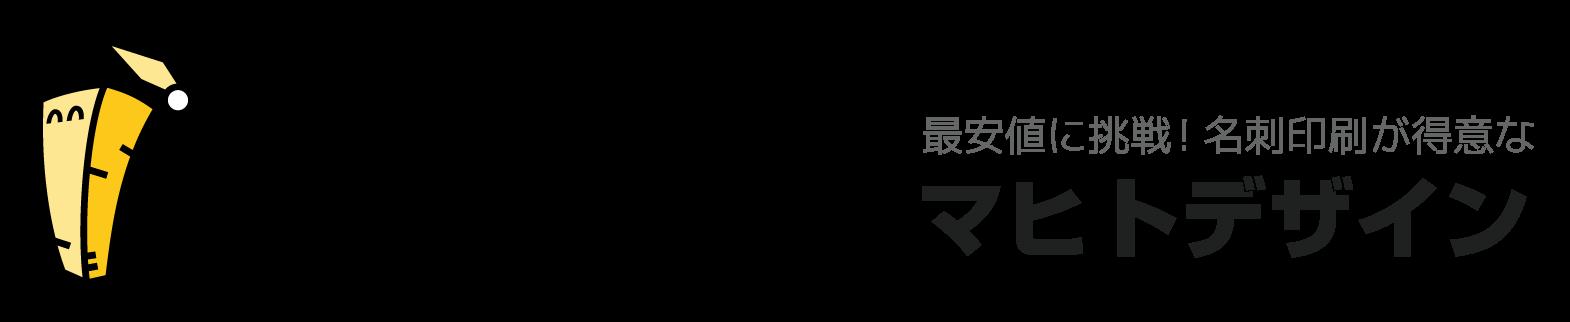 logo_mahito.png